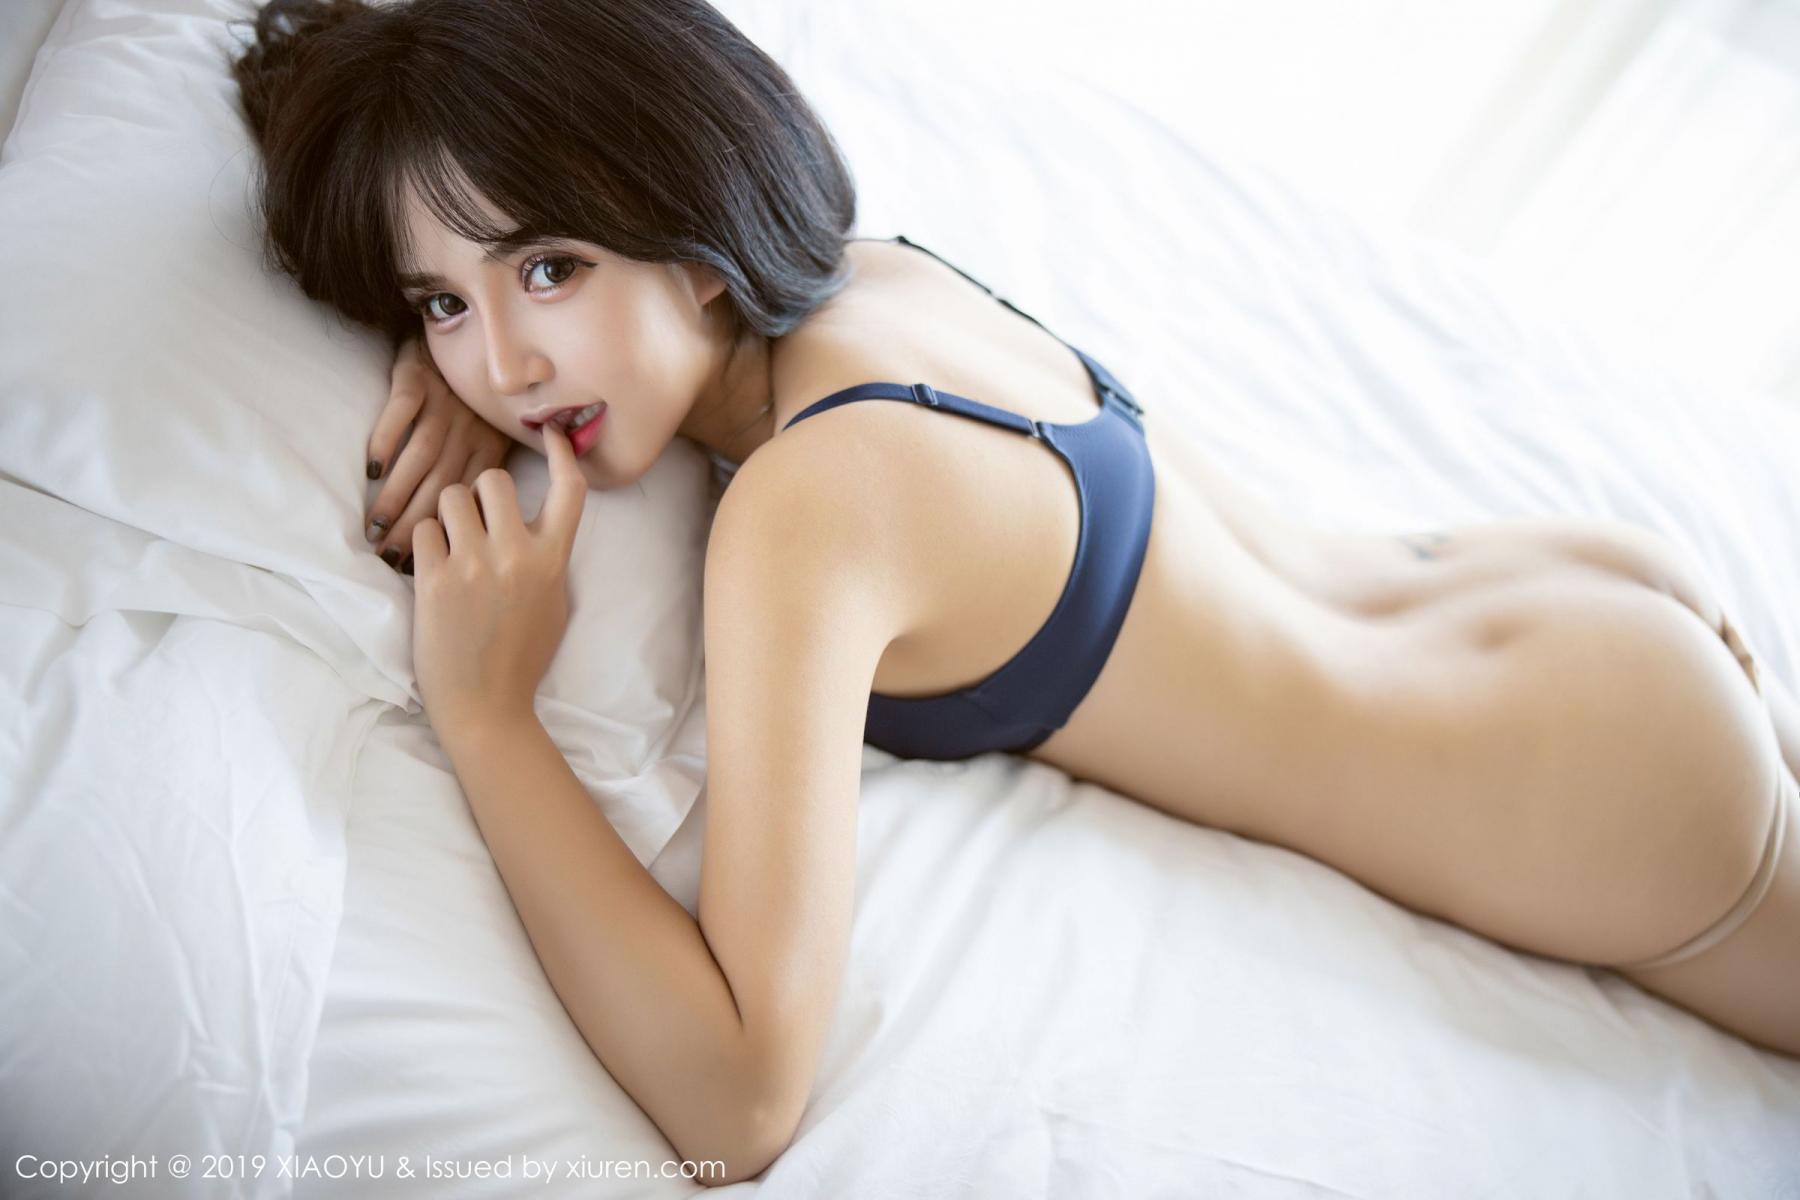 [XiaoYu] Vol.200 Miko Jiang 105P, Miko Jiang, Slim, Tall, Underwear, XiaoYu